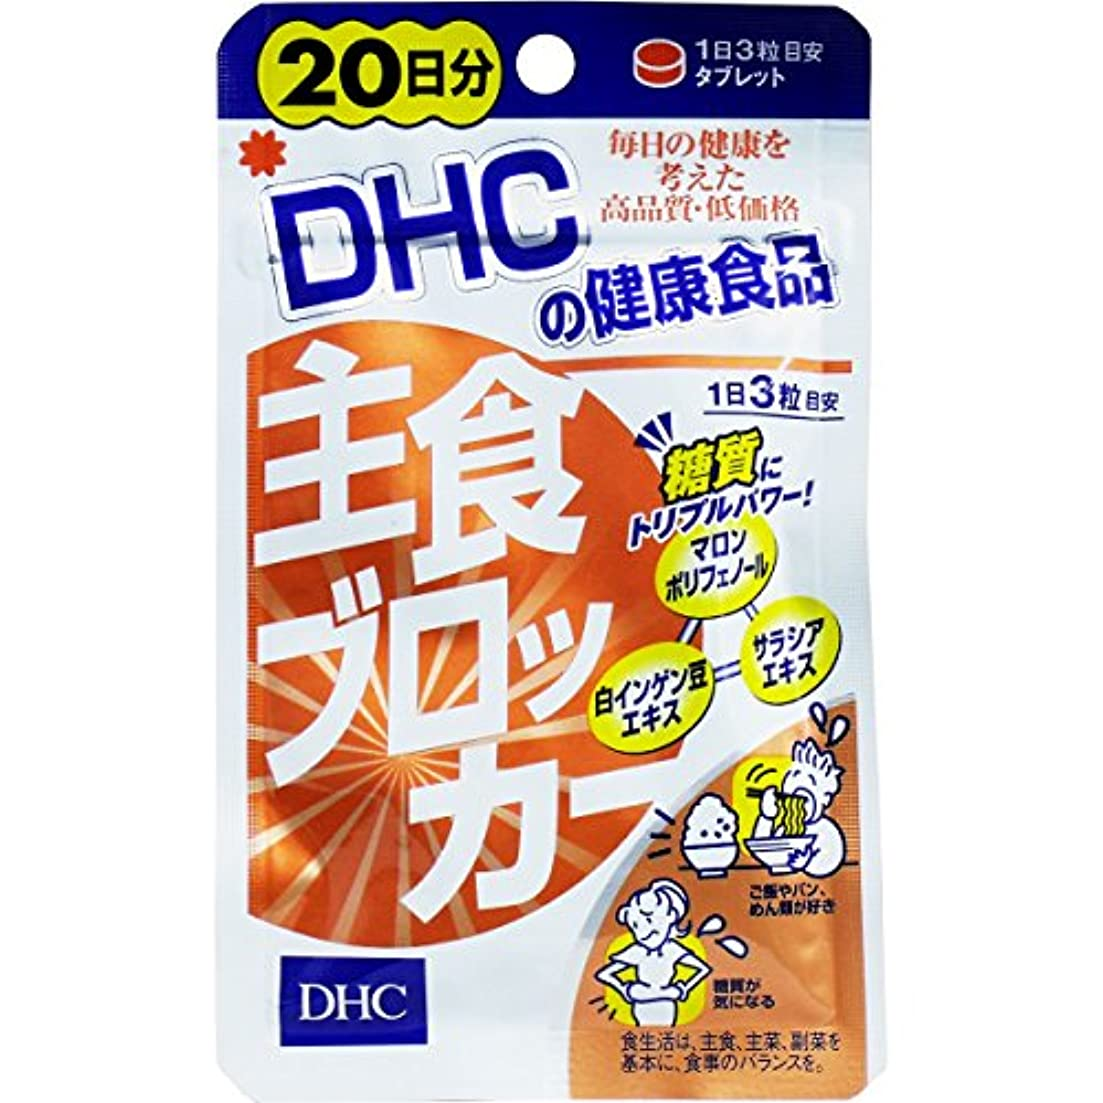 ベル哲学者検出するダイエット トリプルパワーでため込み対策 栄養機能食品 DHC 主食ブロッカー 20日分 60粒入【4個セット】